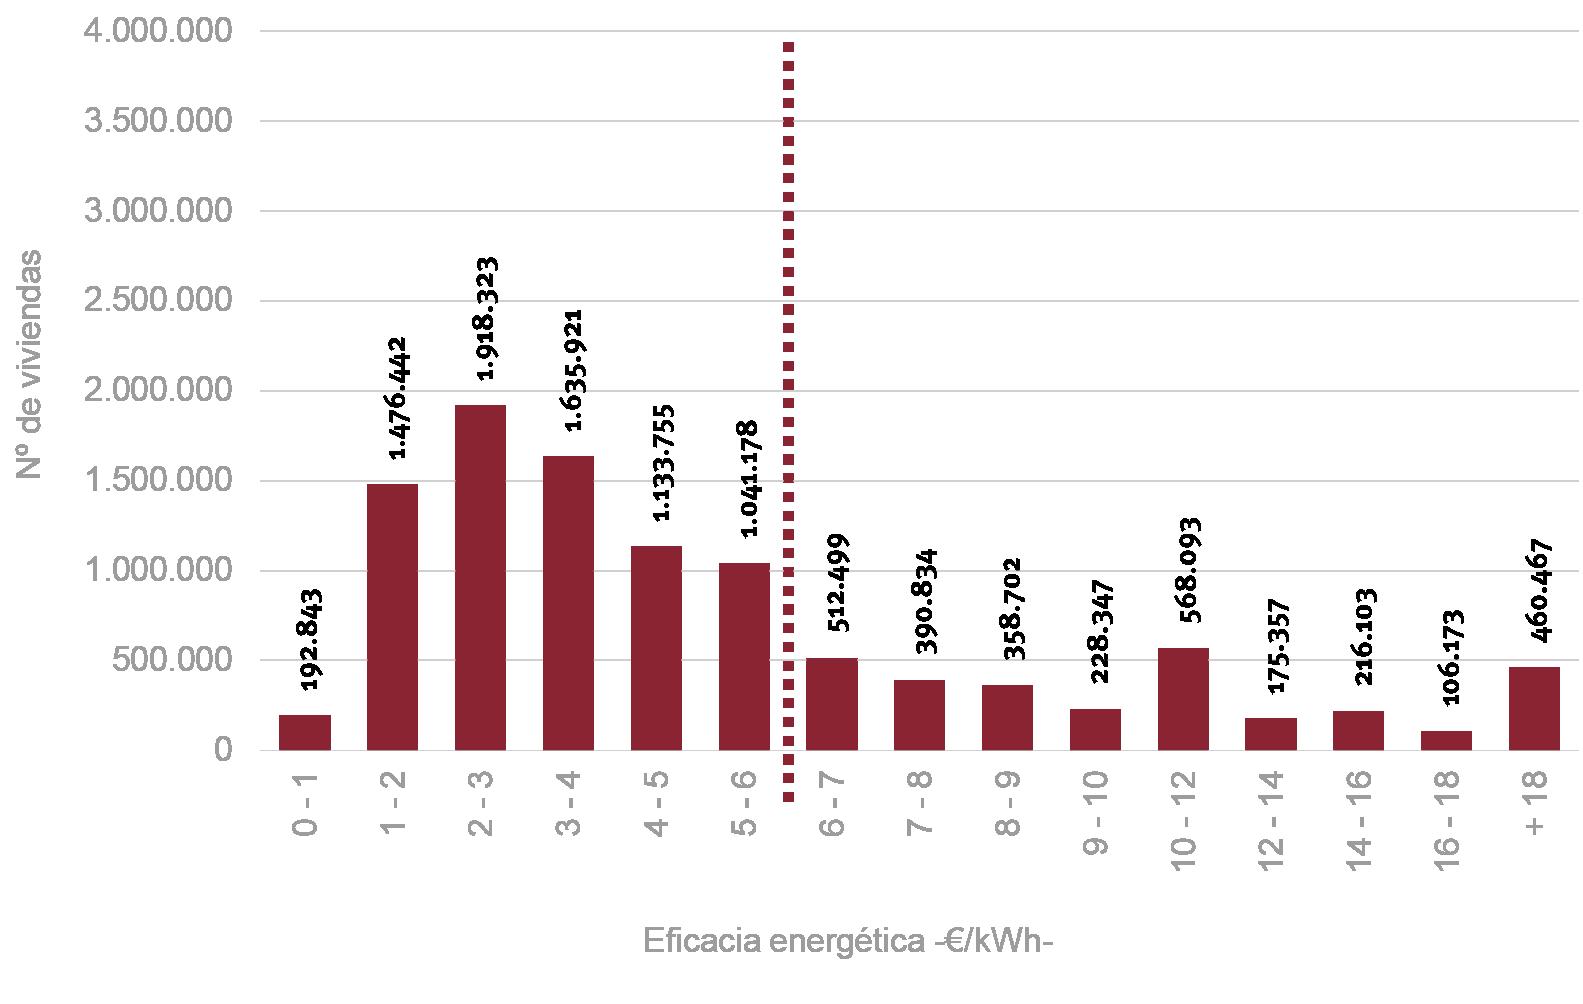 Fig. 11/ Distribución de viviendas según el indicador de eficacia energética —€/kWh—